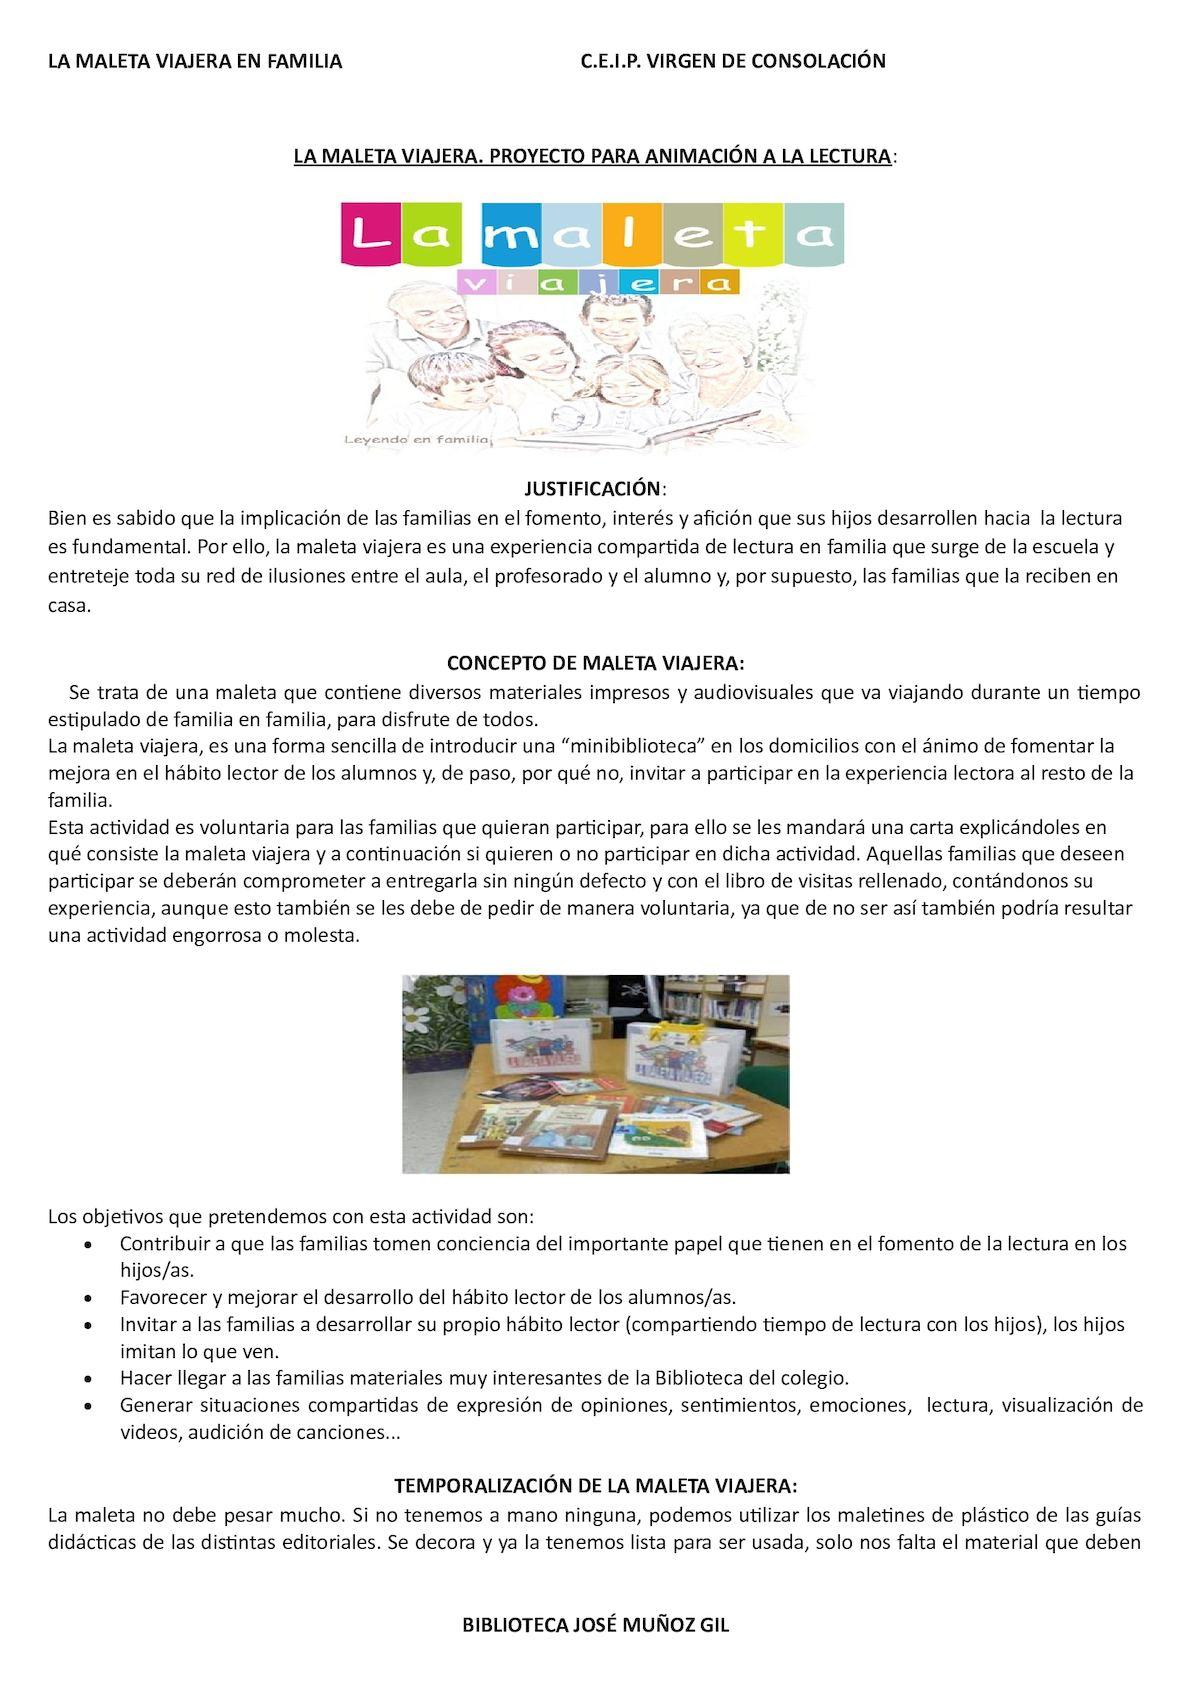 Proyecto Maleta Viajera Biblioteca Ceip Virgen De Consolación